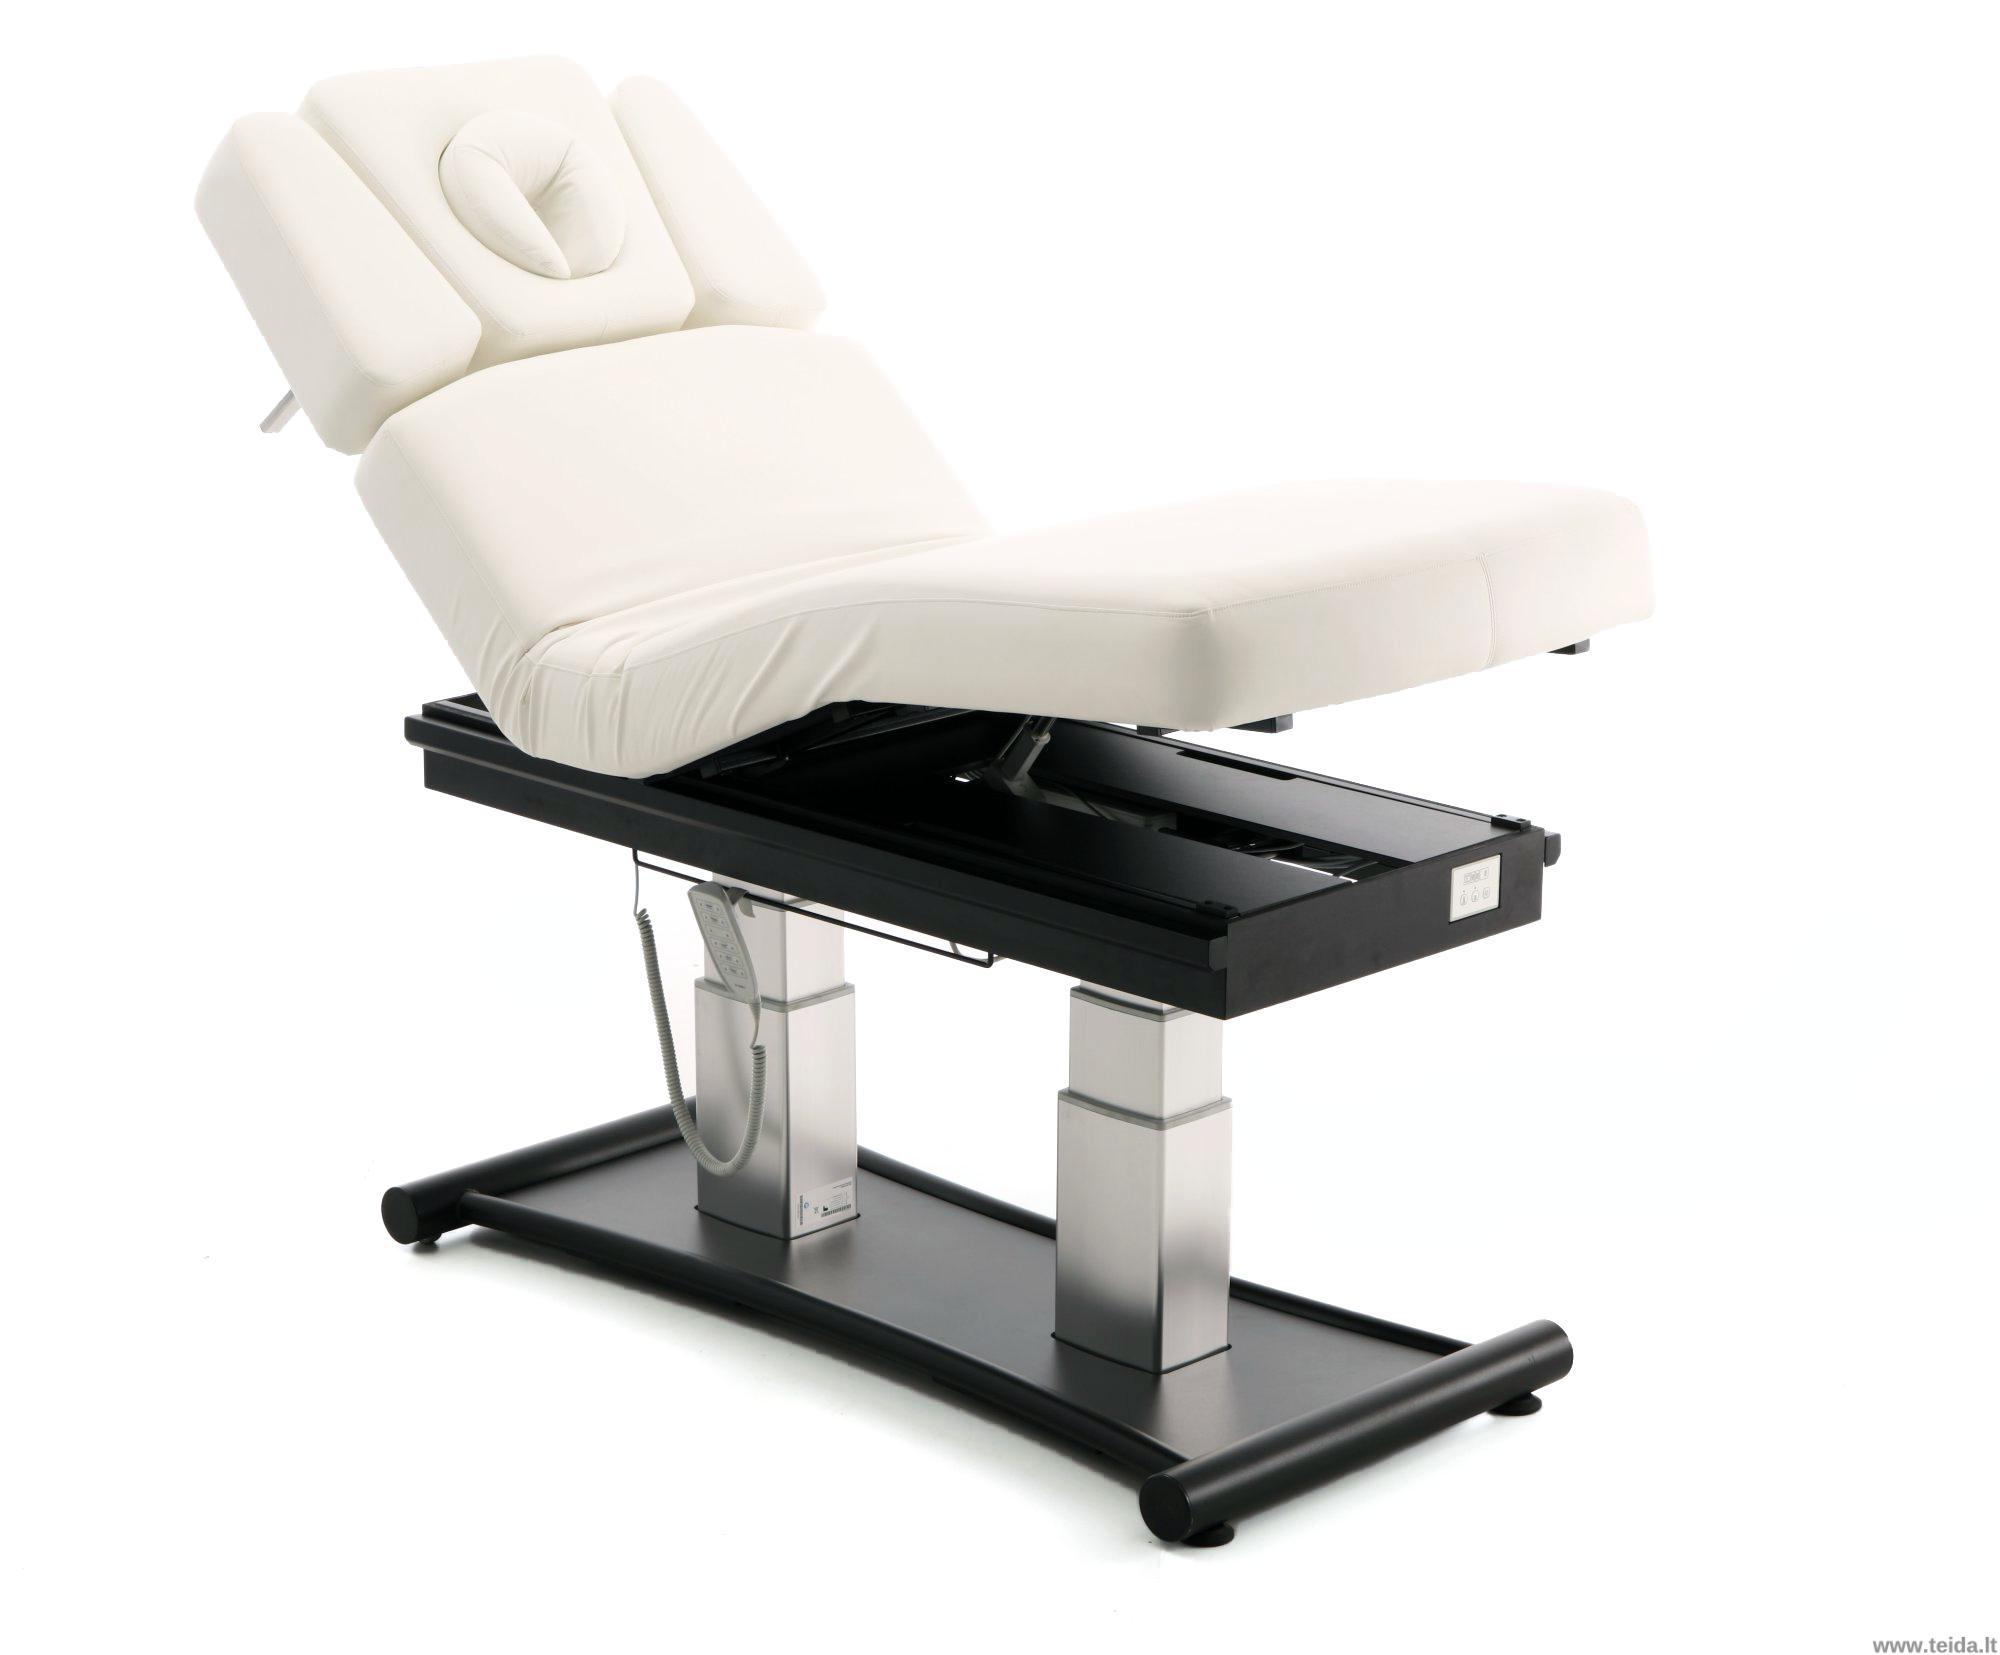 7 dalių PREMIUM klasės masažo stalas su šildymu ir apšvietimu